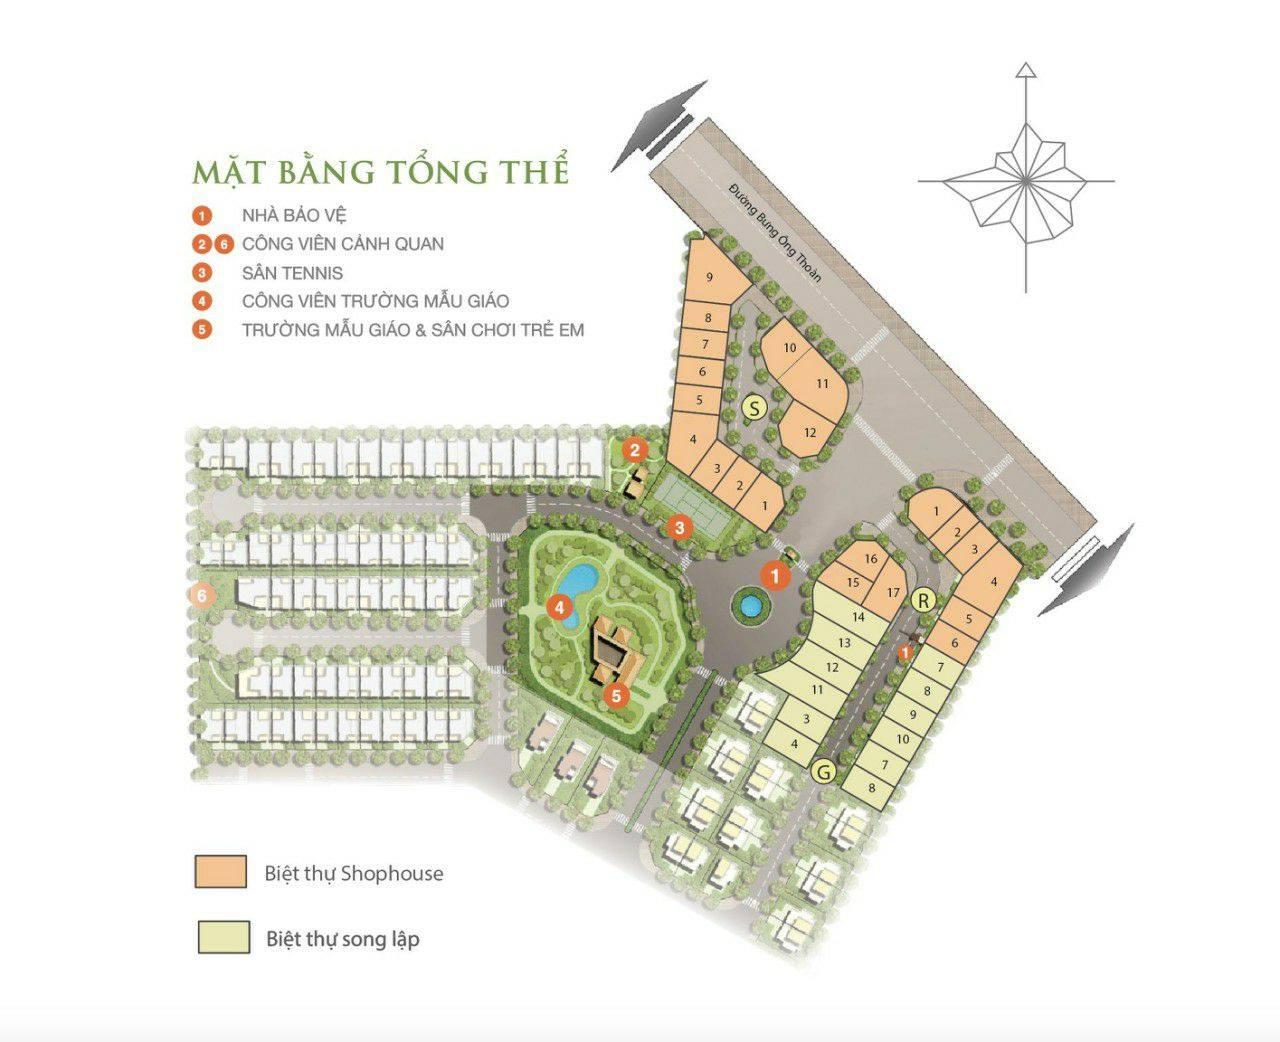 Mặt bằng tổng thể dự án biệt thự Villa Park giai đoạn 2